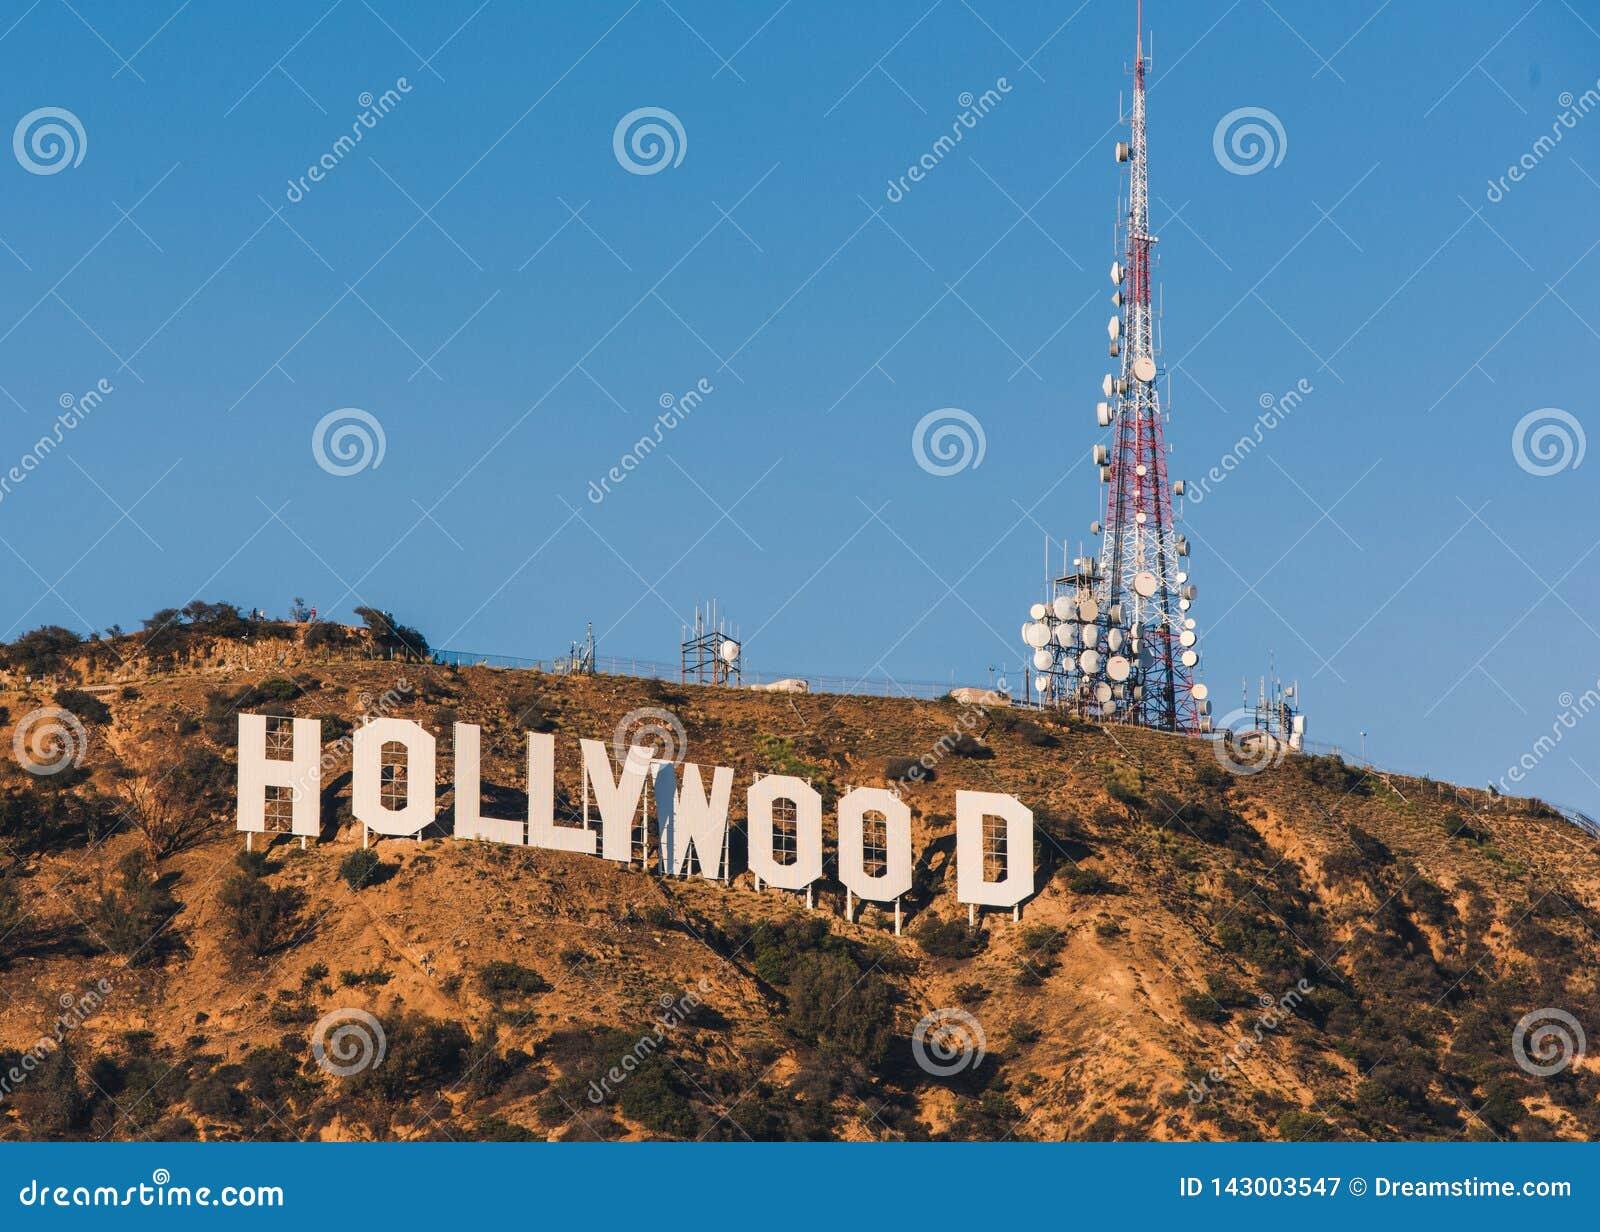 06/12/2015 - Σημάδι Hollywood μια ηλιόλουστη ημέρα